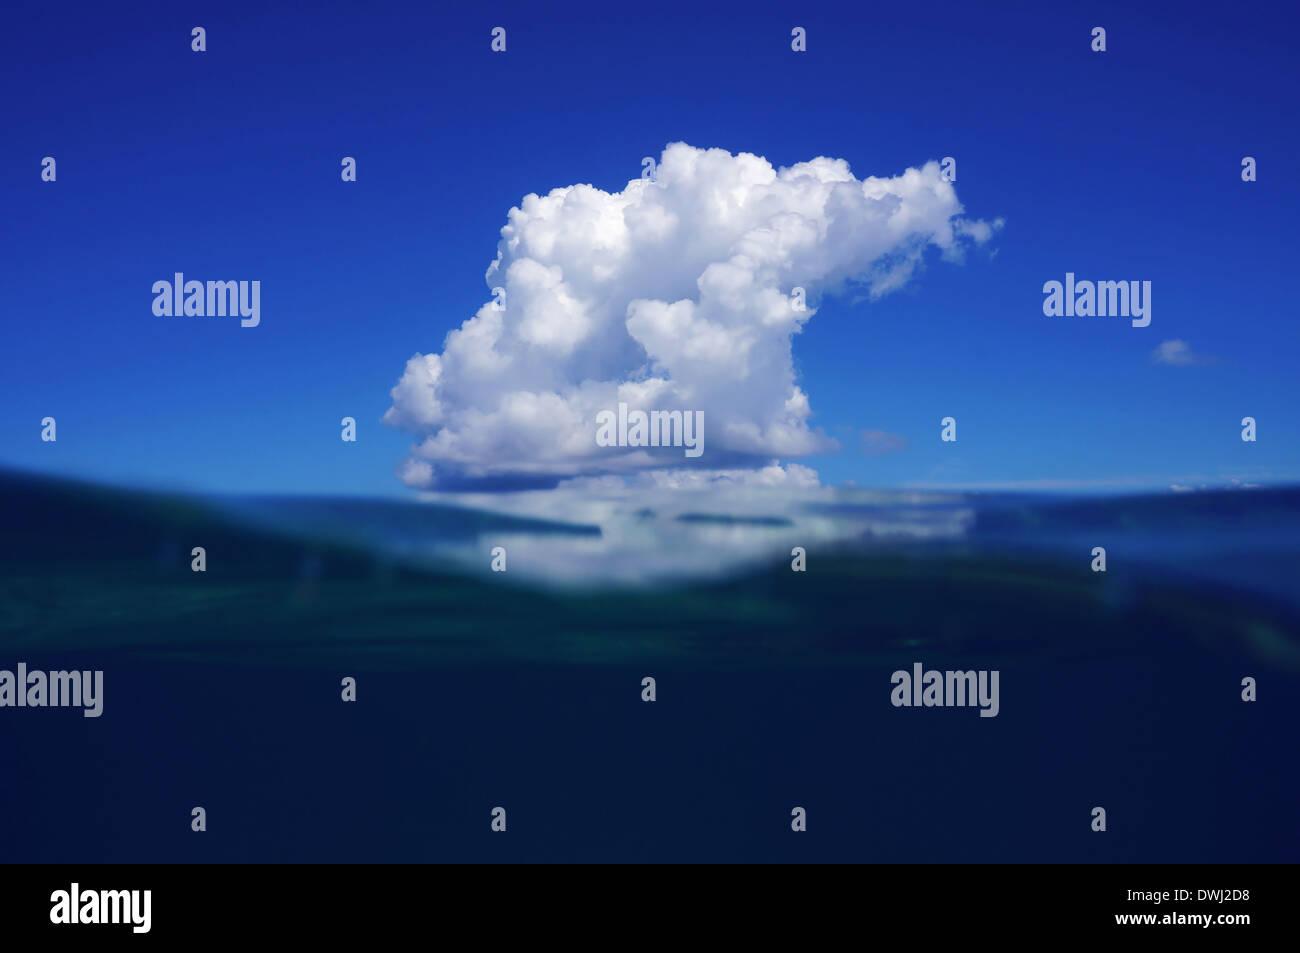 Il blu del cielo e del mare diviso dalla linea di galleggiamento con una nuvola riflessa sulla superficie dell' acqua del mare dei Caraibi Immagini Stock